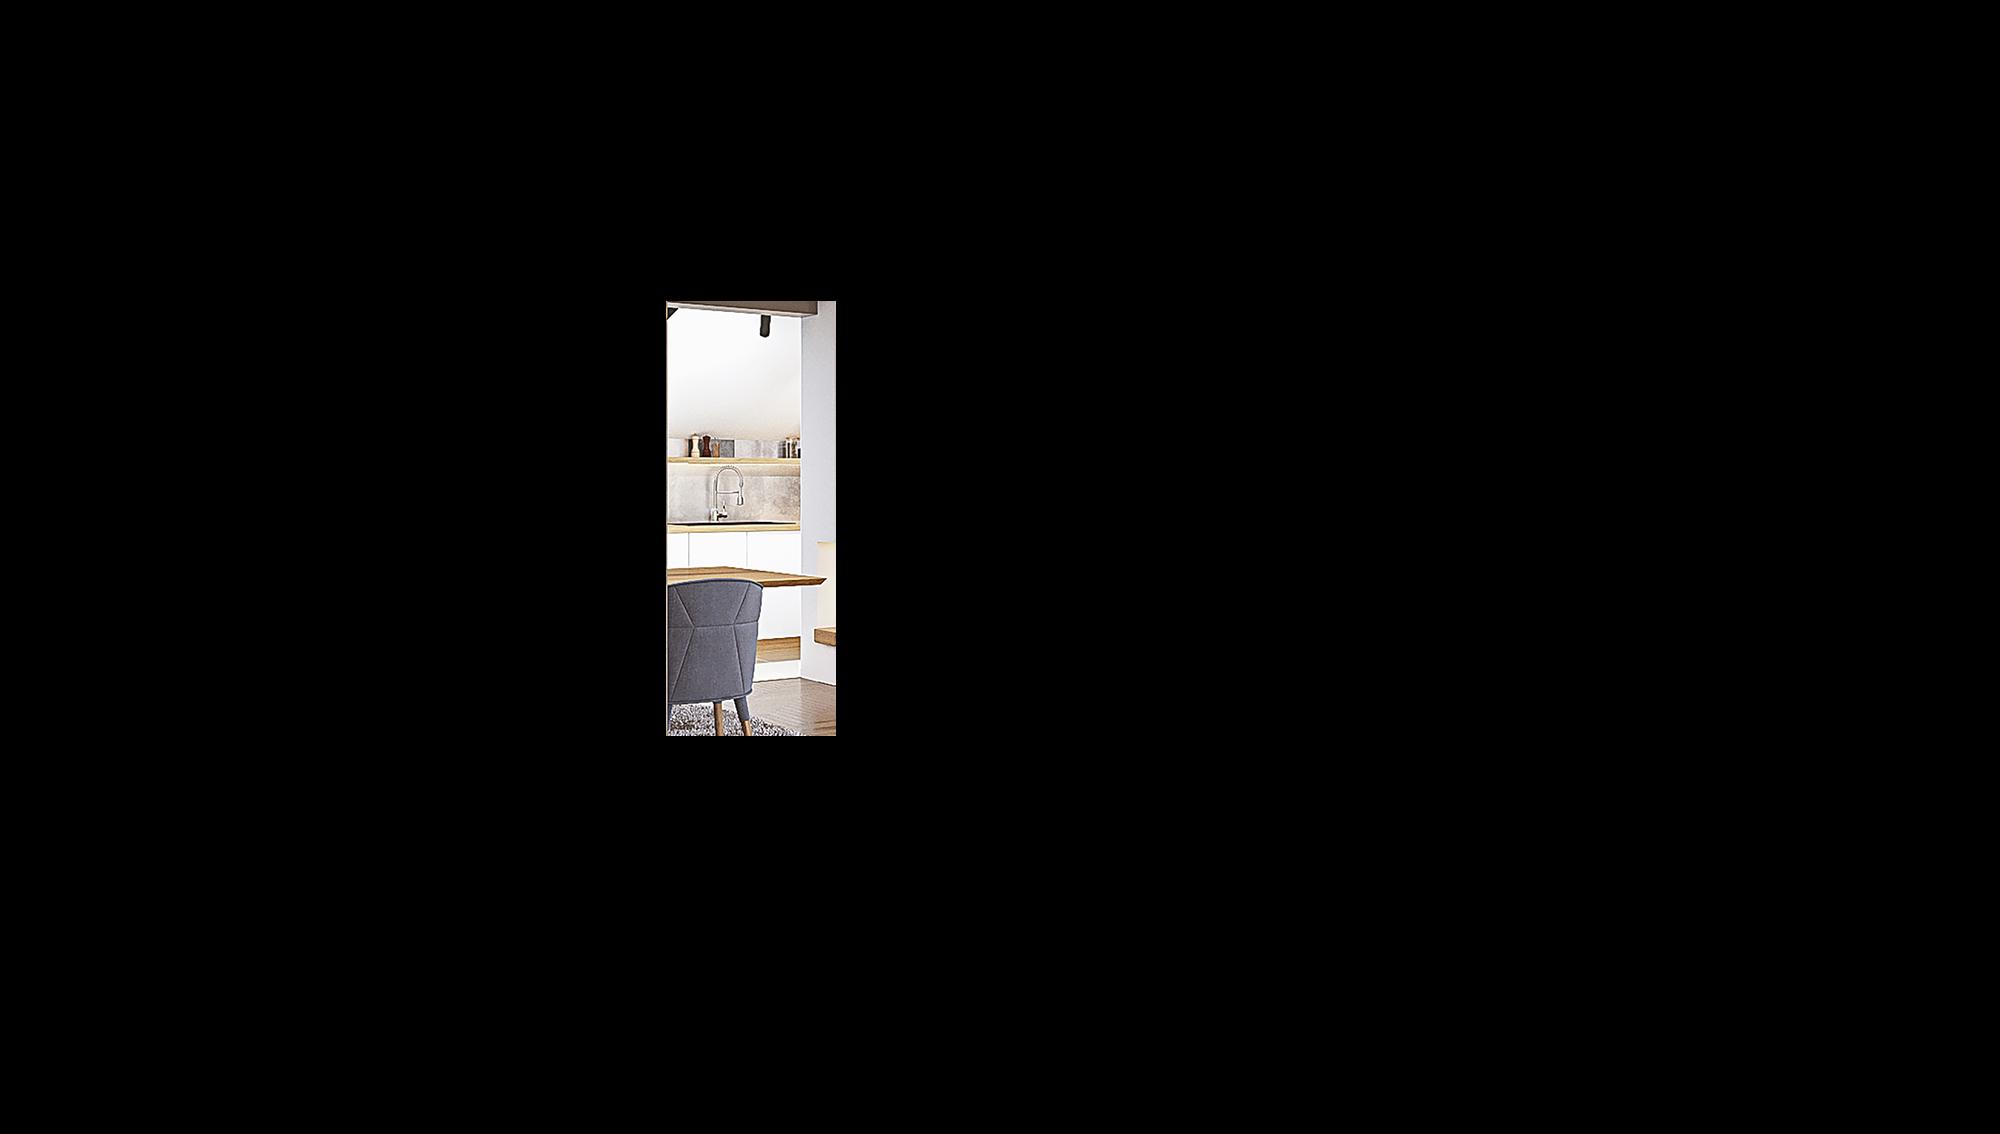 Kitchen Lights Overlay